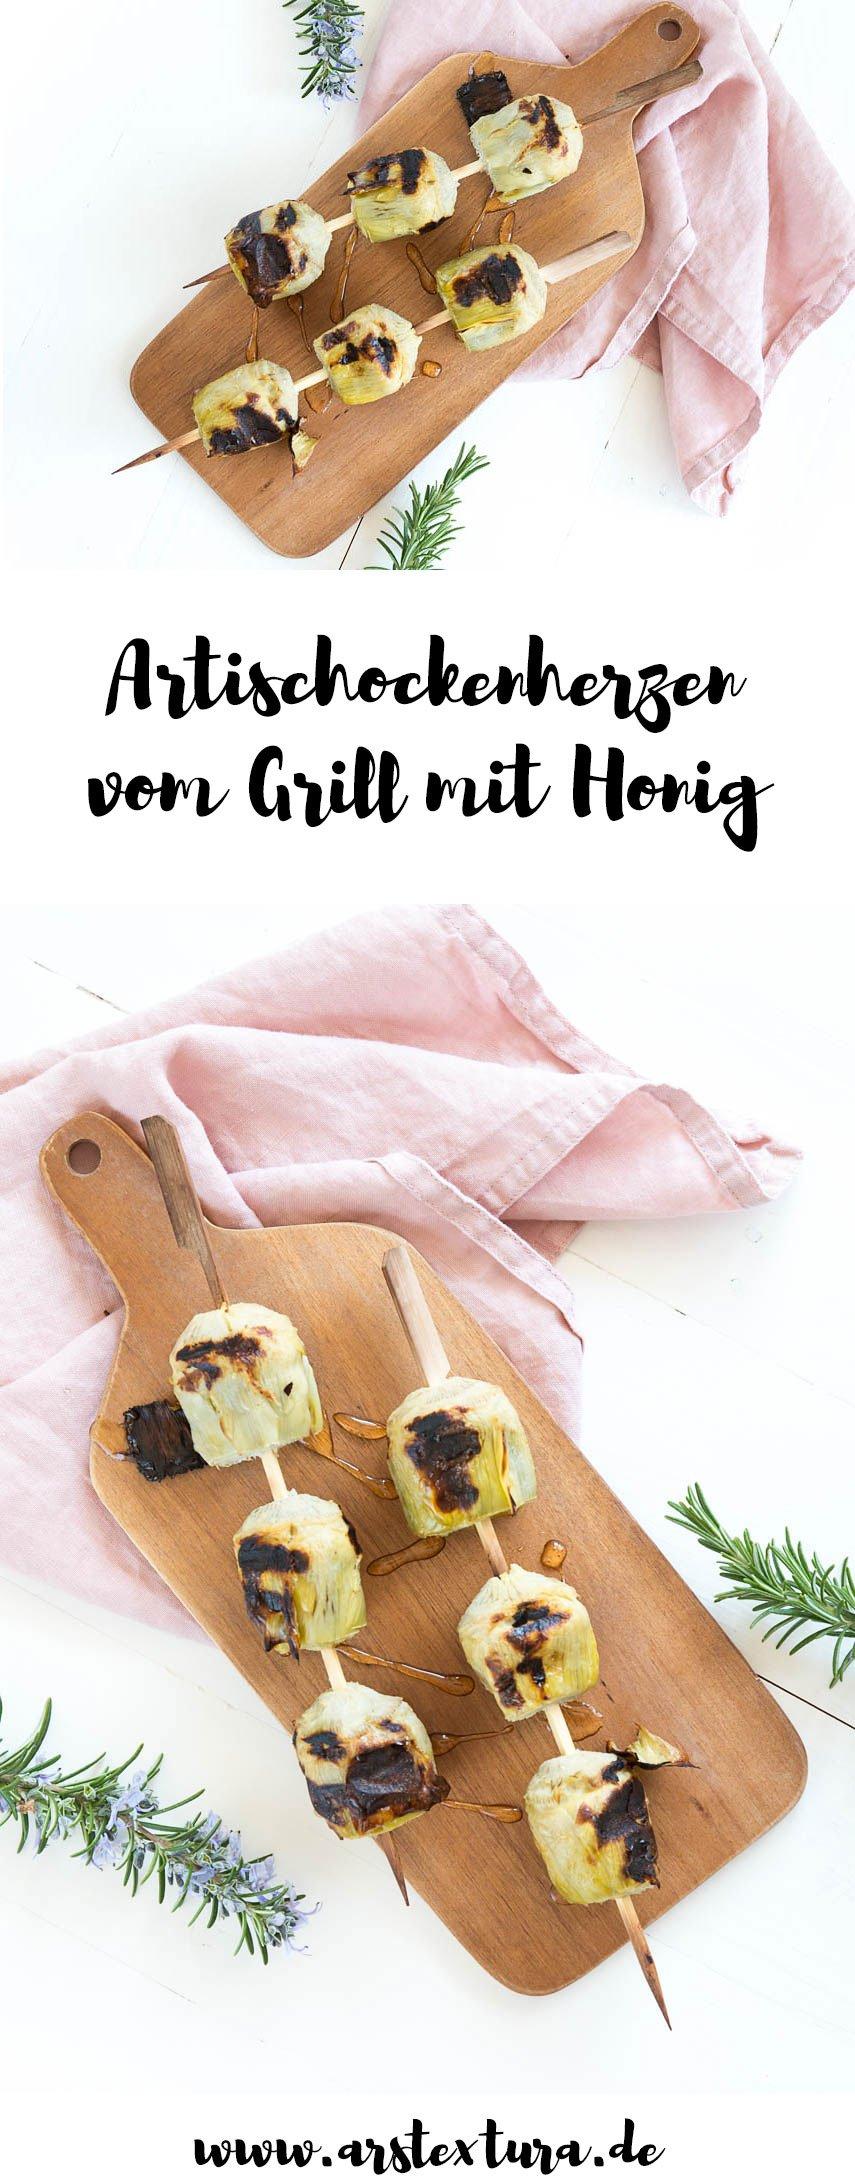 Artischockenherzen vom Grill mit Honig - Die perfekte Grillparty